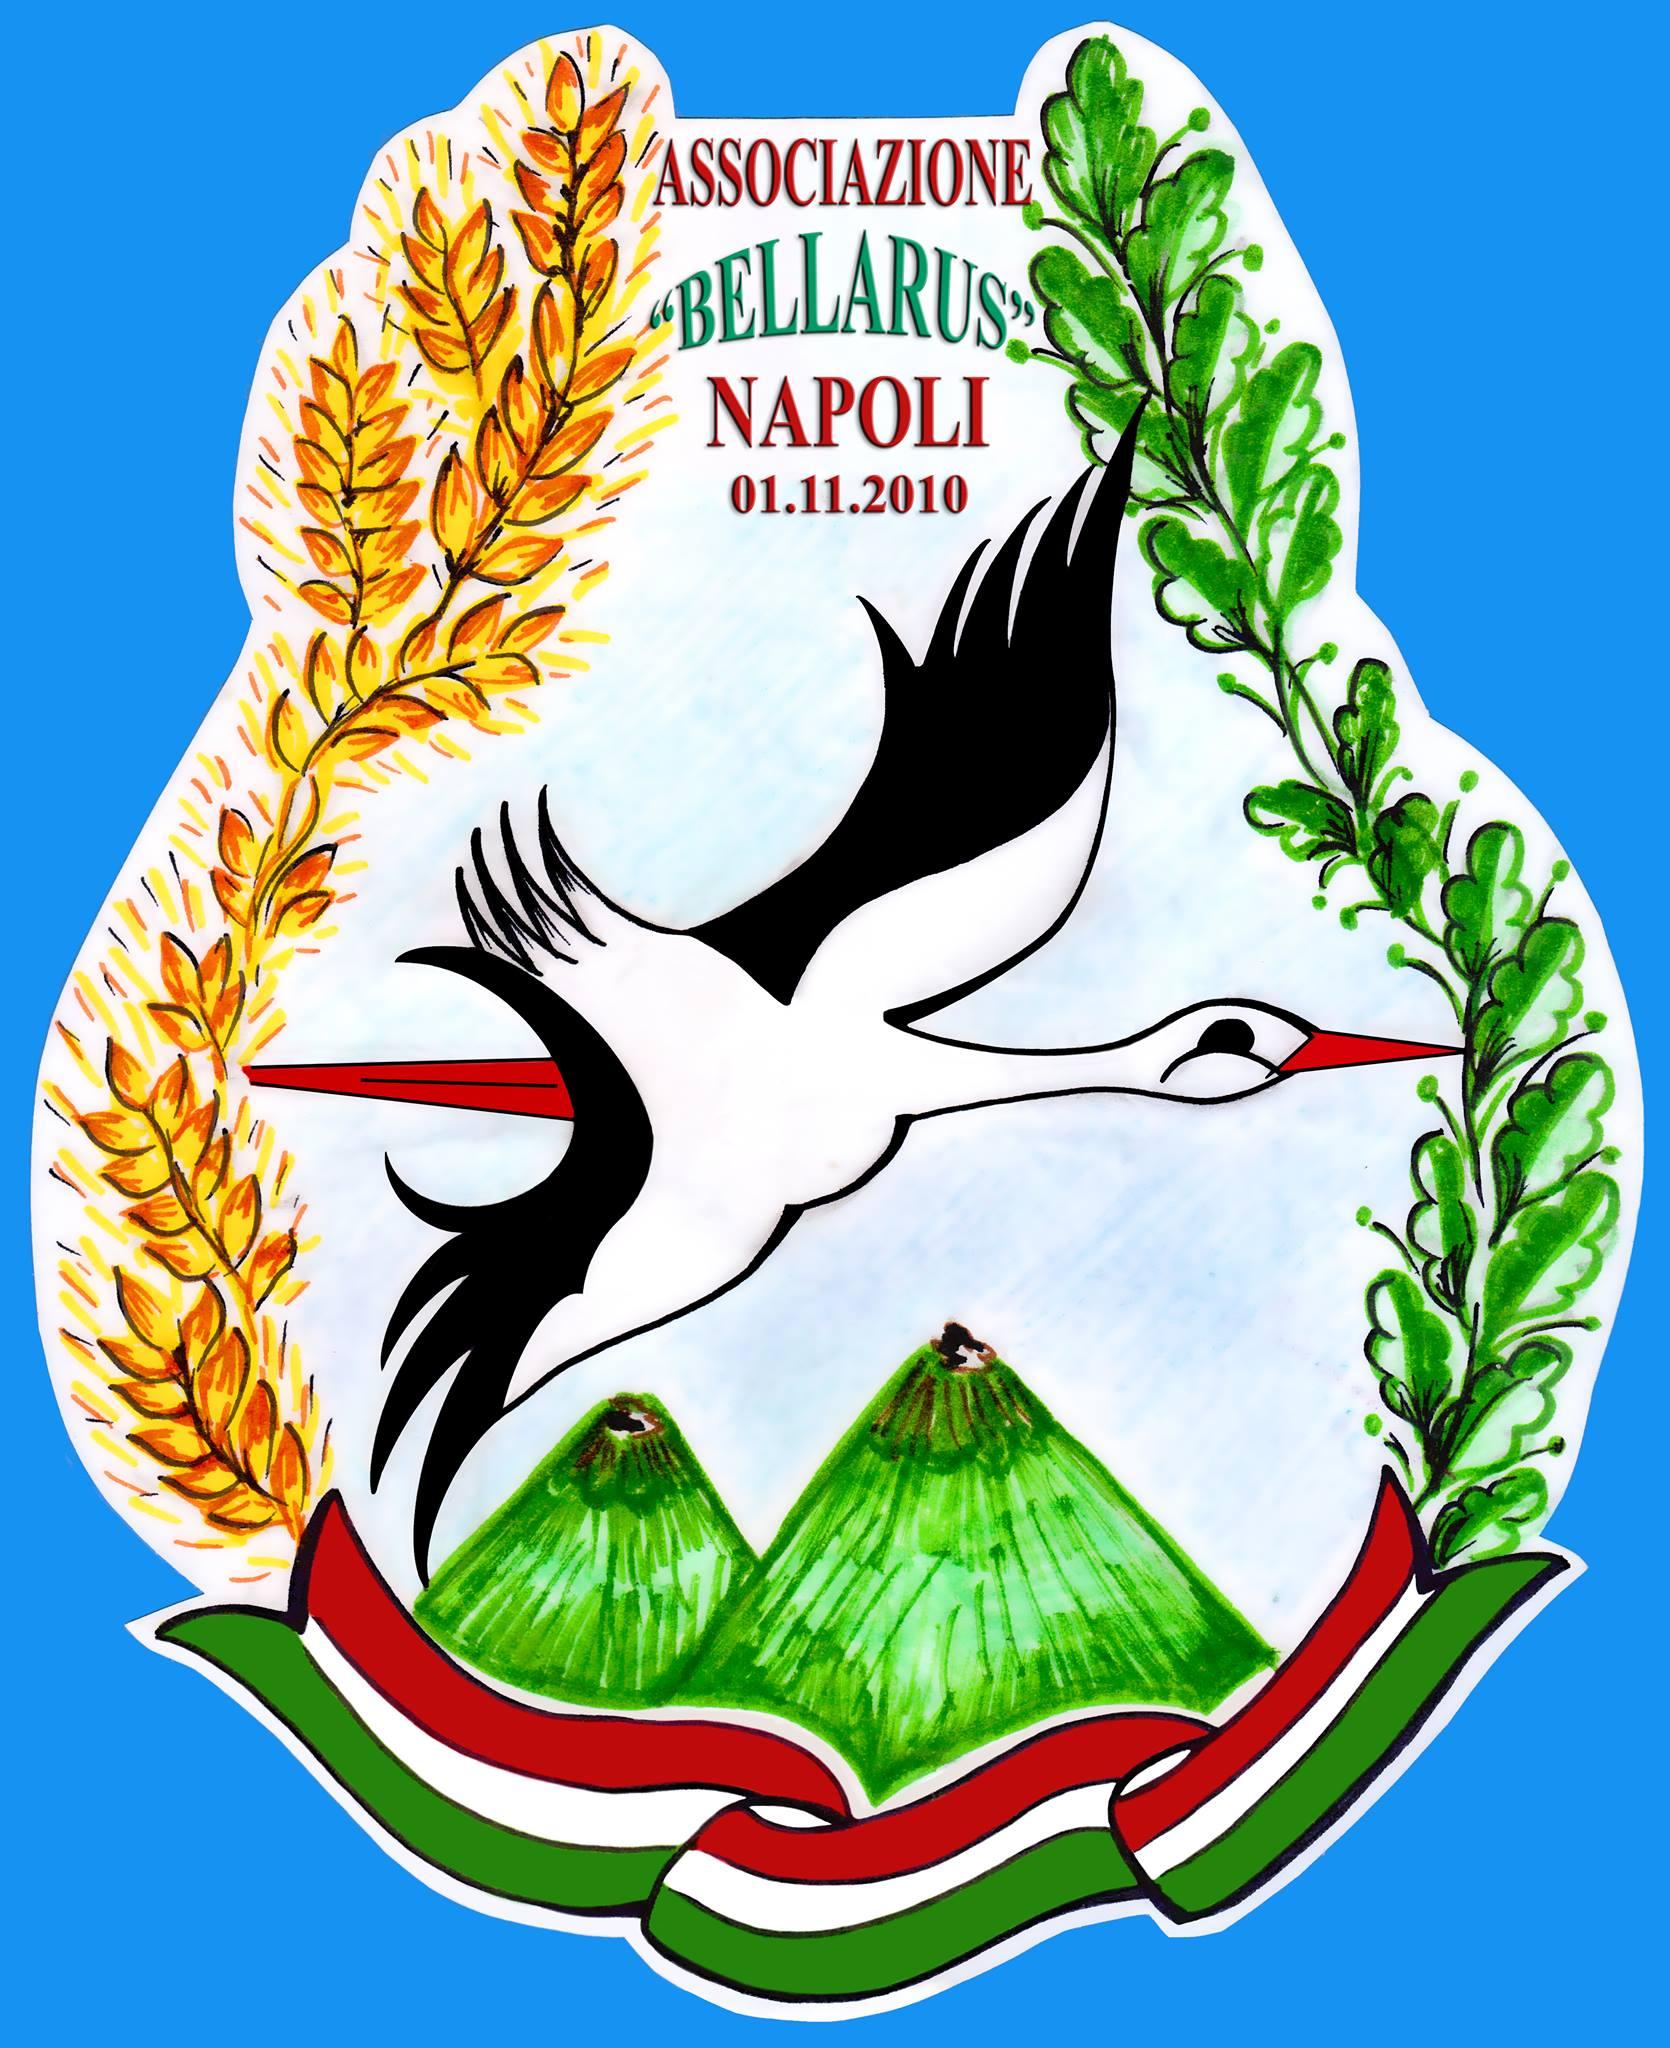 Associazione_BELLARUS_21secolo